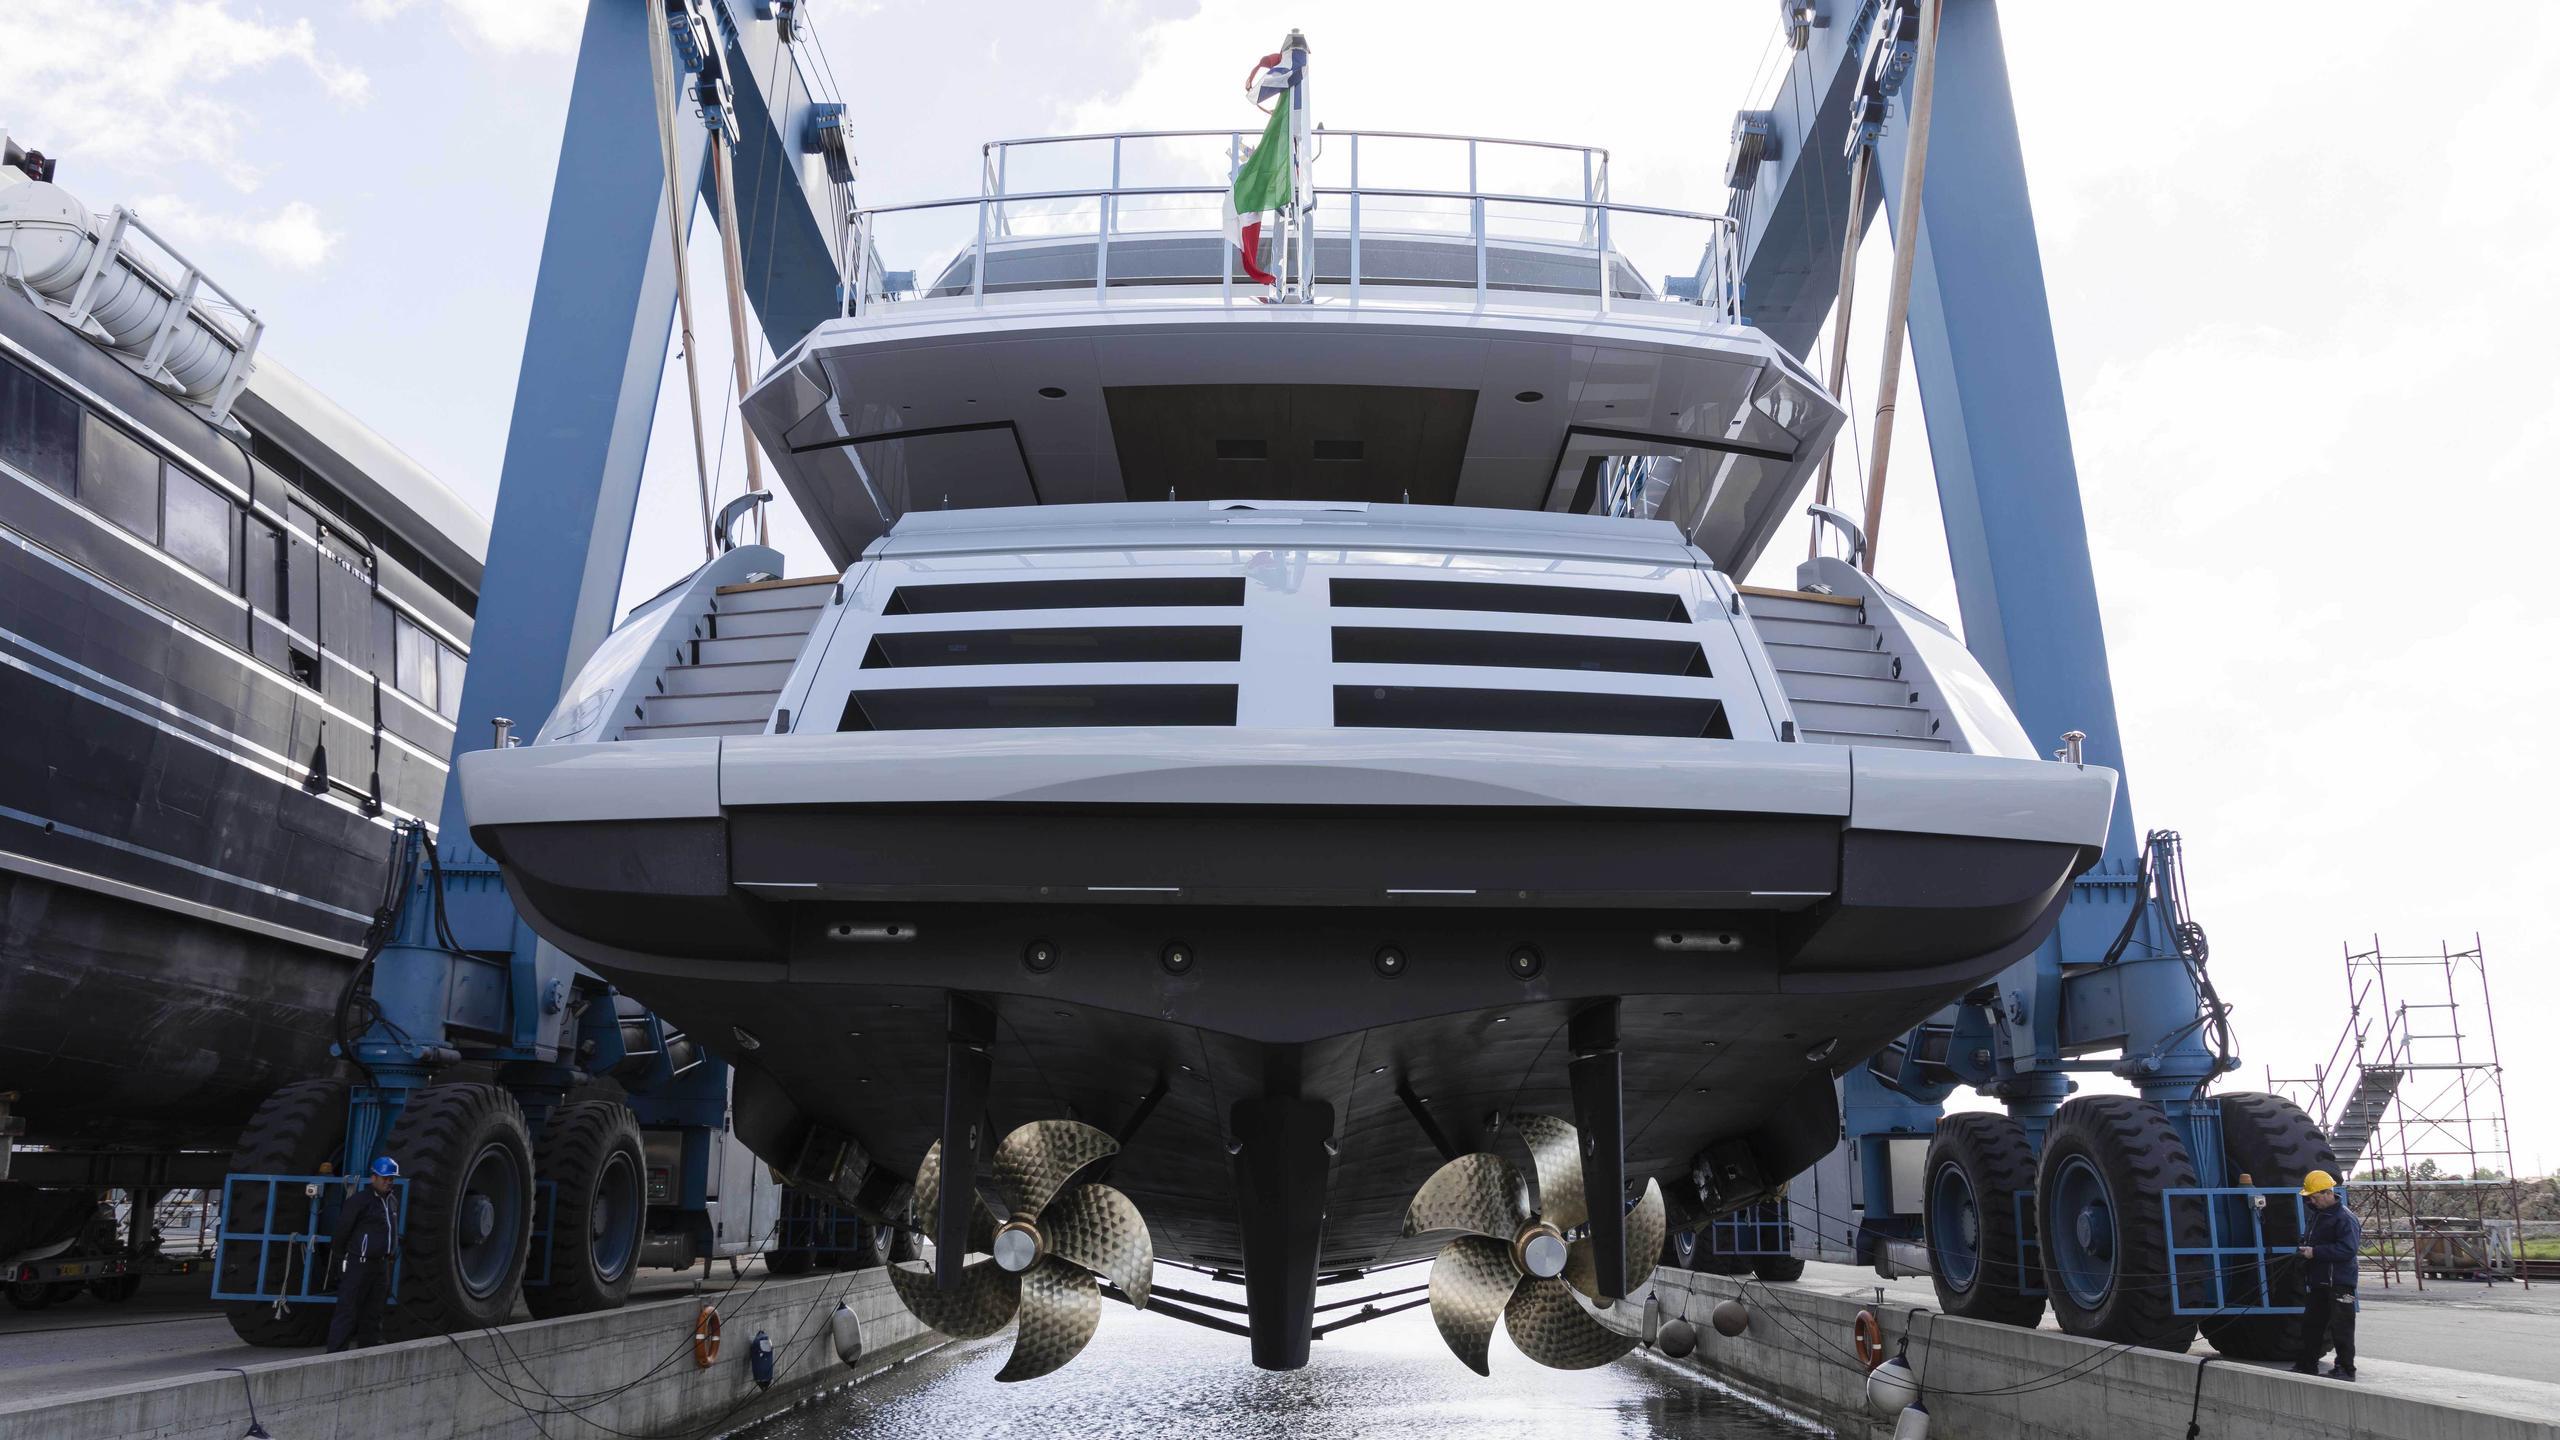 oceano 42 hull 2 motoryacht overmarine 42m 2017 launch stern